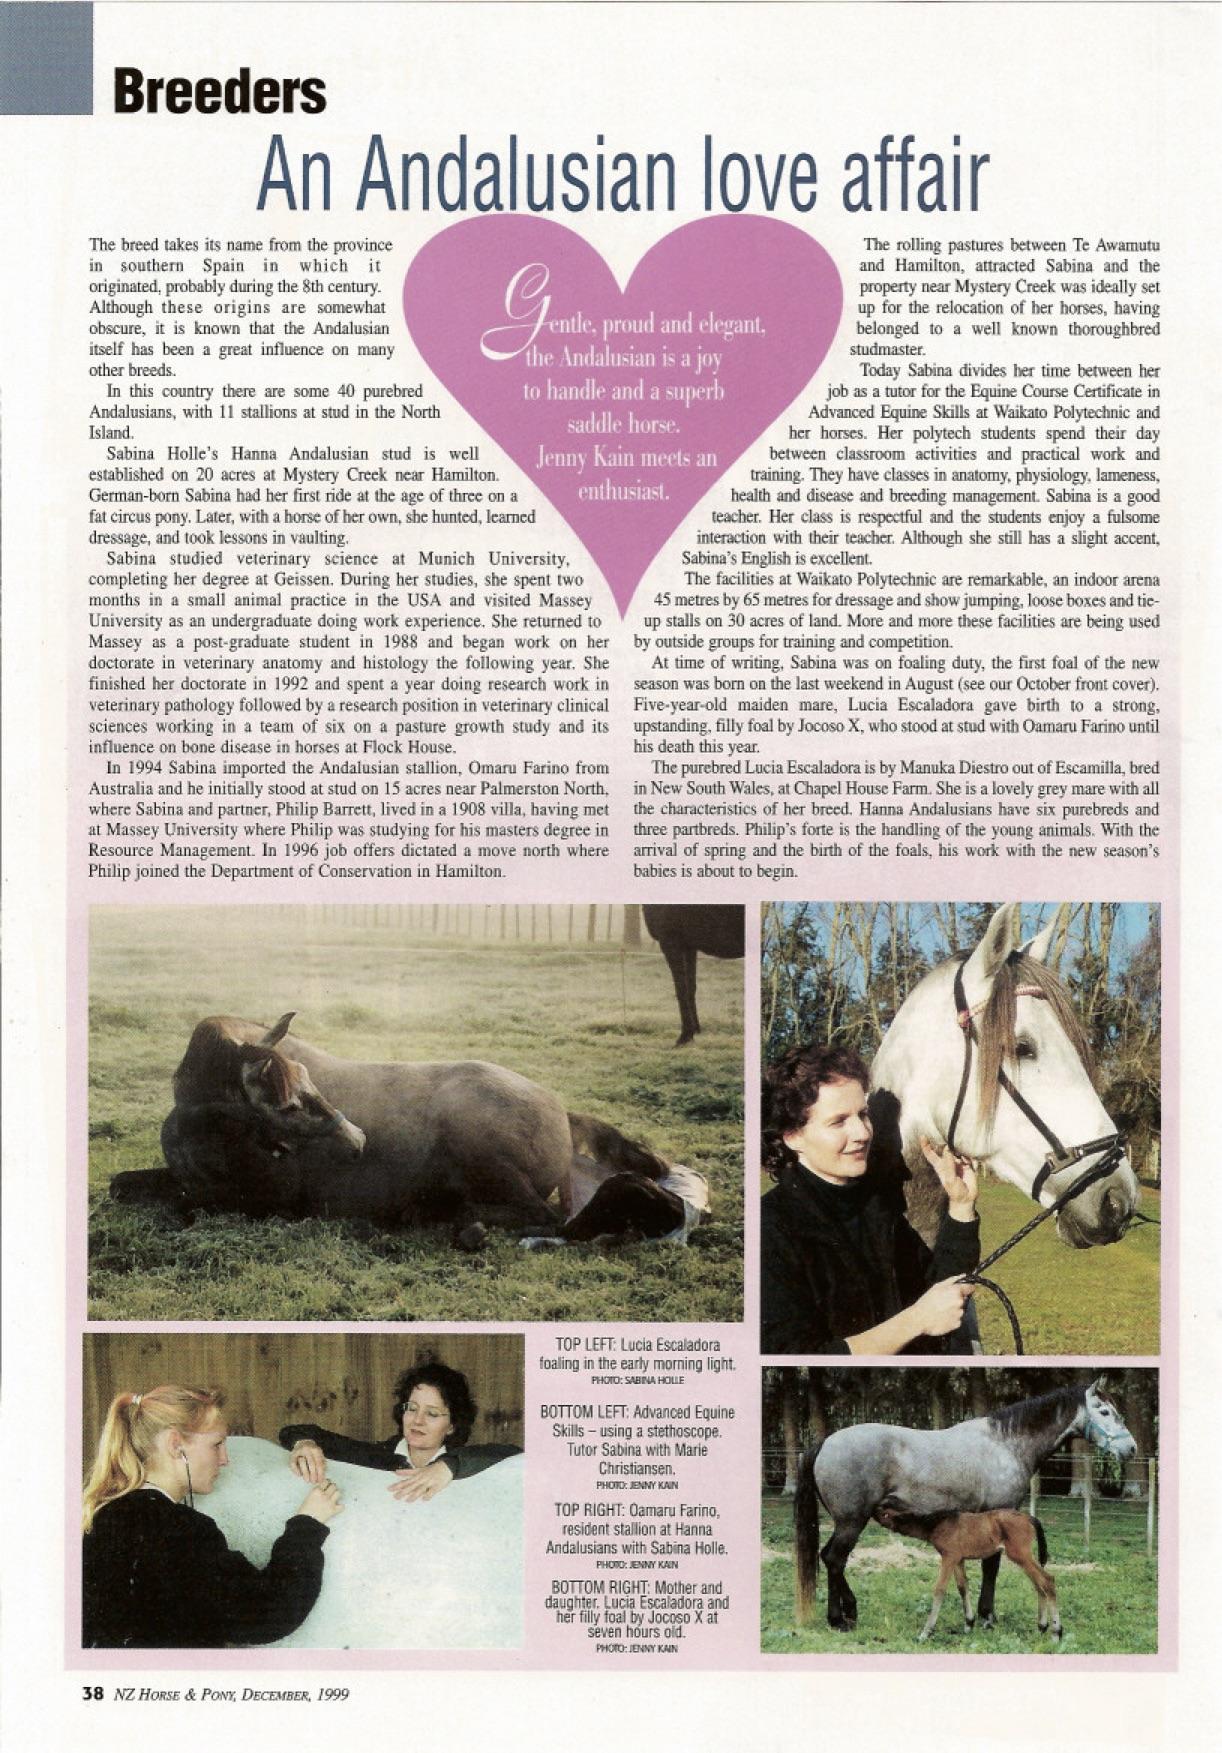 H&P magazine article